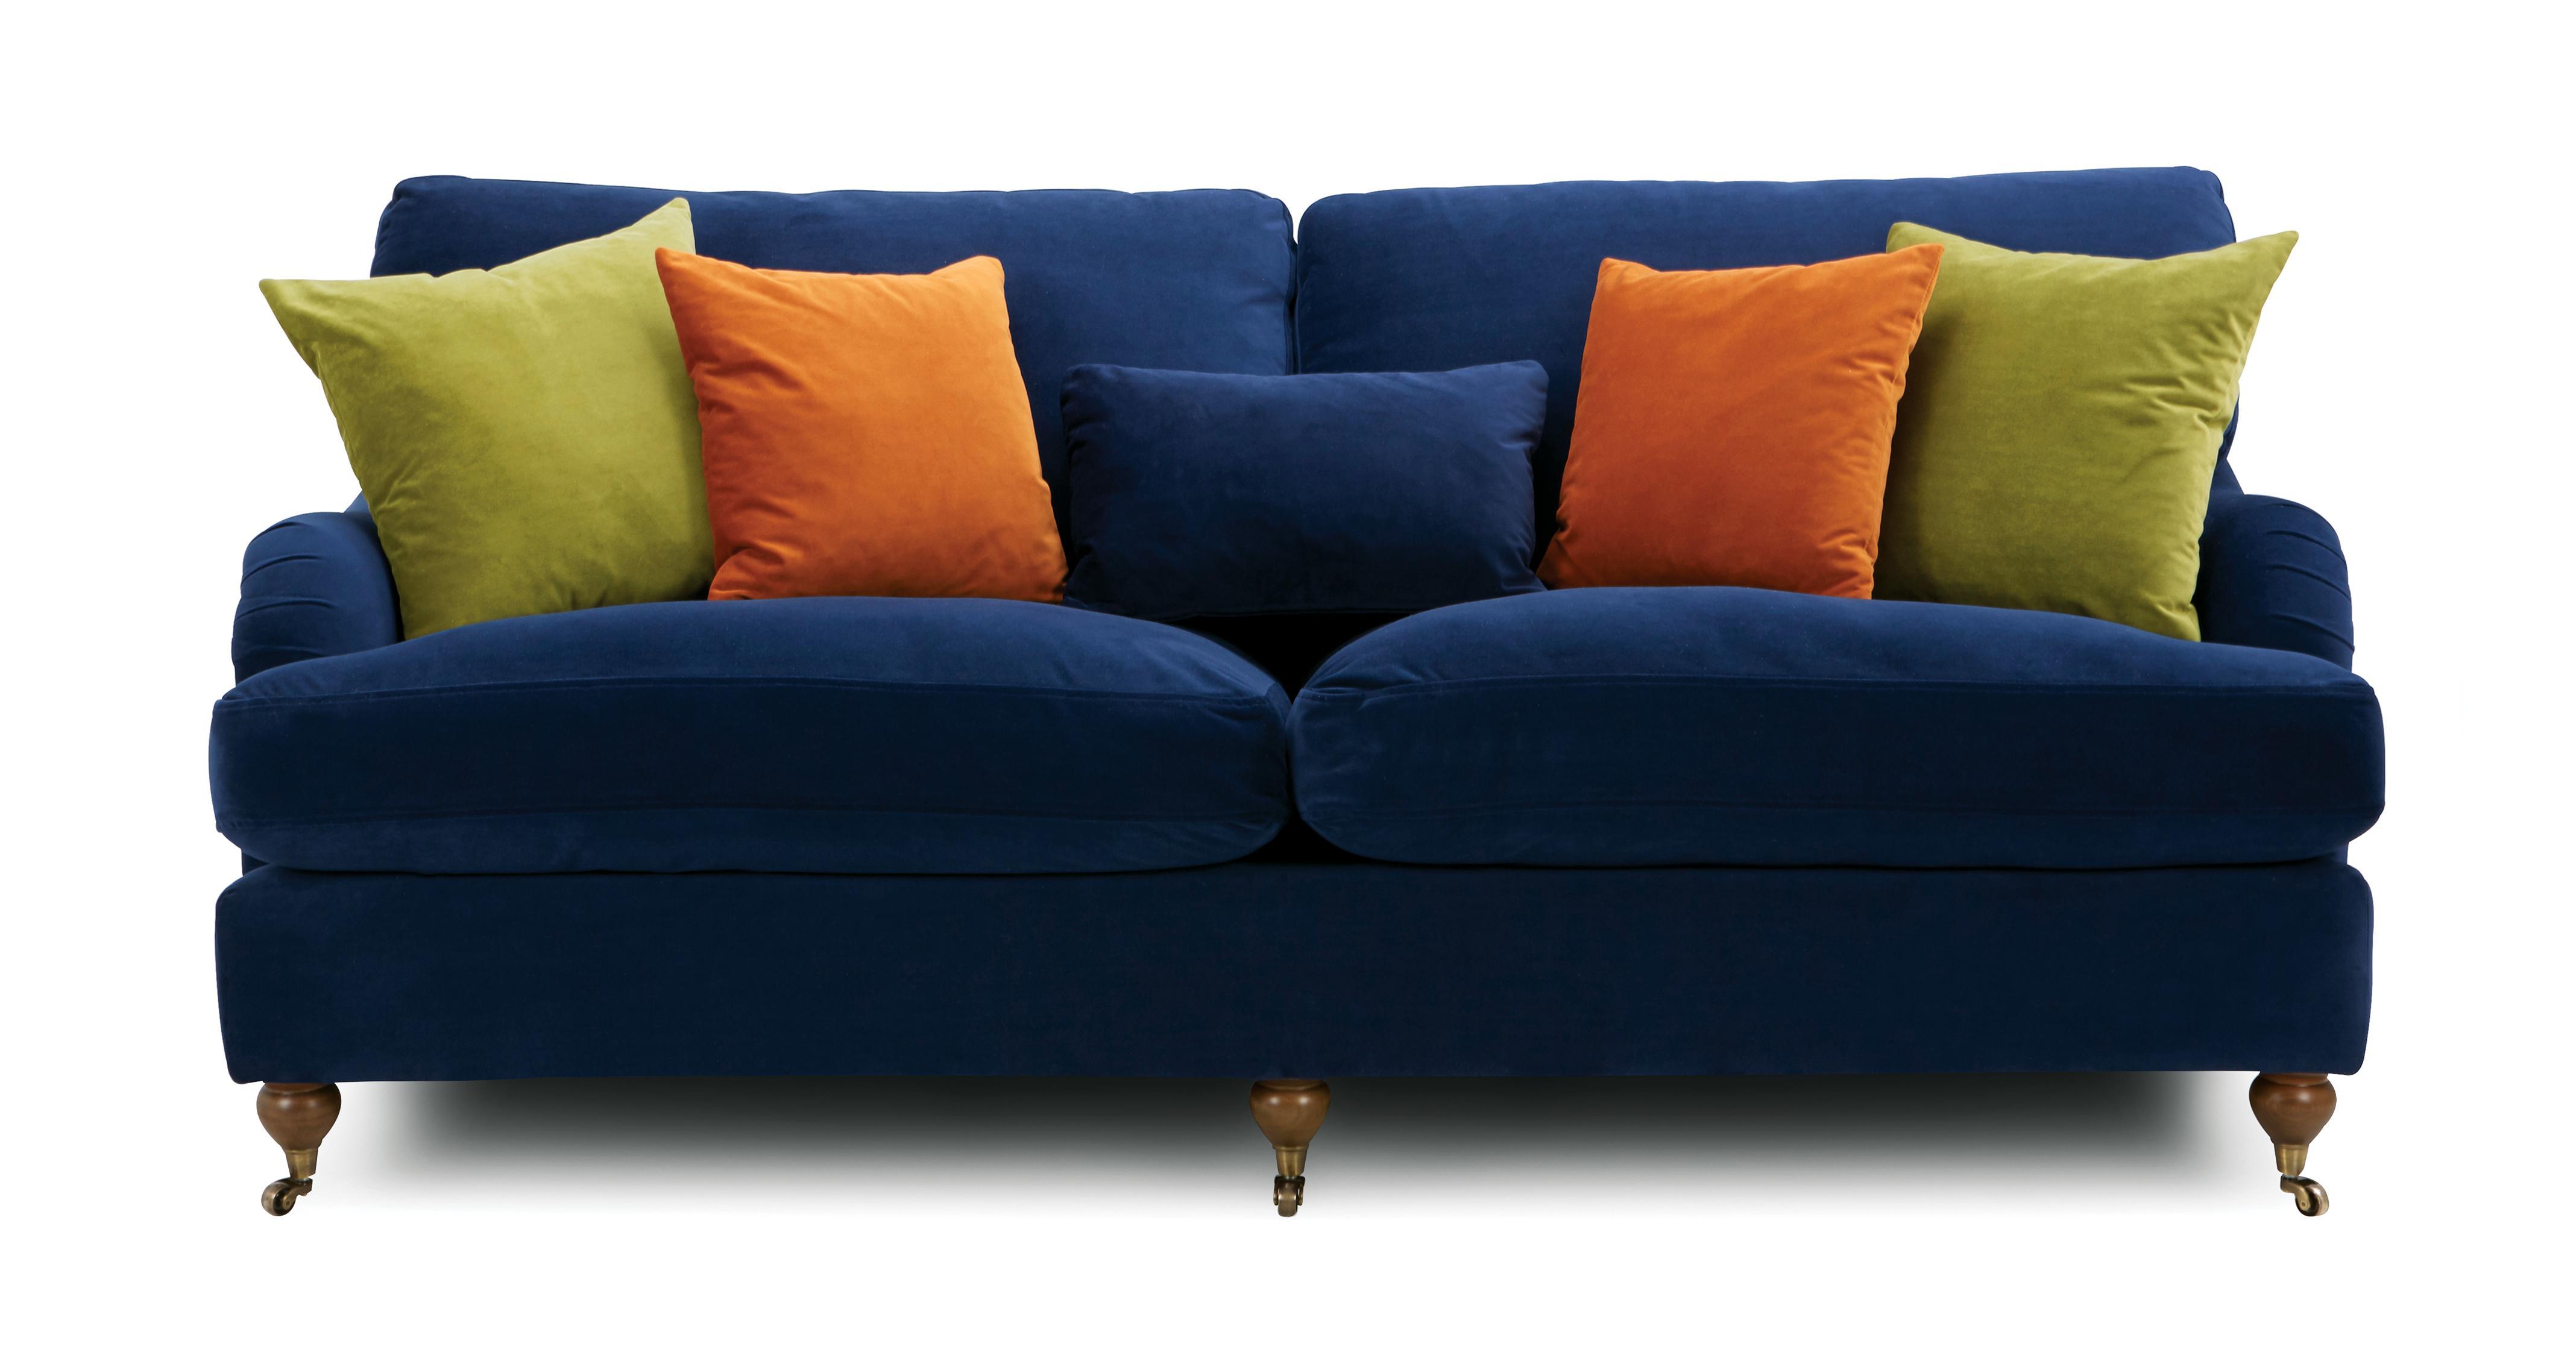 Ludlow Velvet 4 Seater Sofa Ludlow Velvet Dfs Ireland